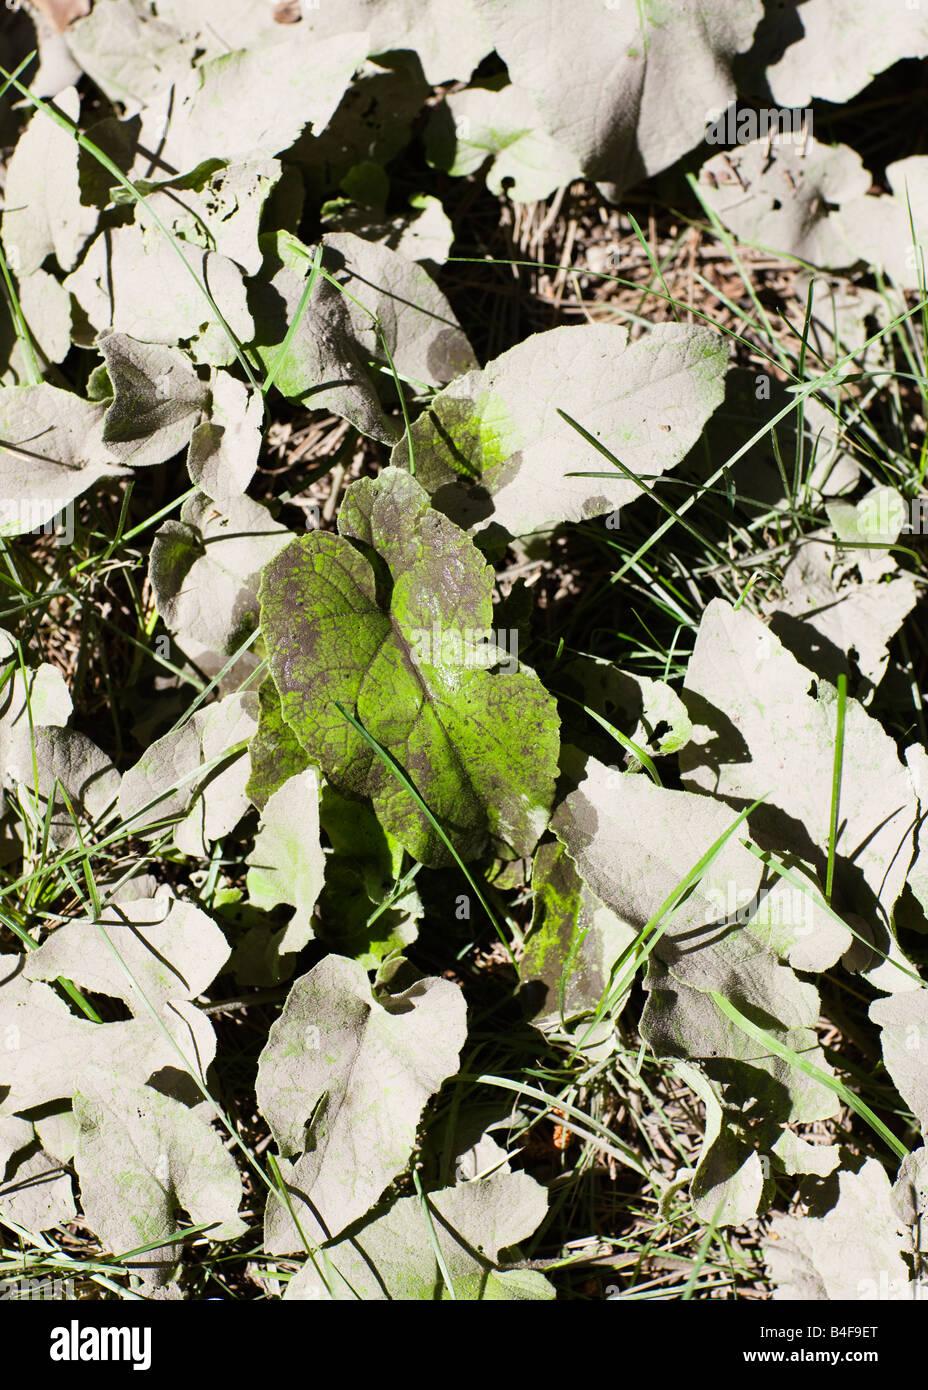 La poussière de la pollution sur les feuilles vertes dans la partie industrielle de Toronto, Ontario, Canada. Photo Stock